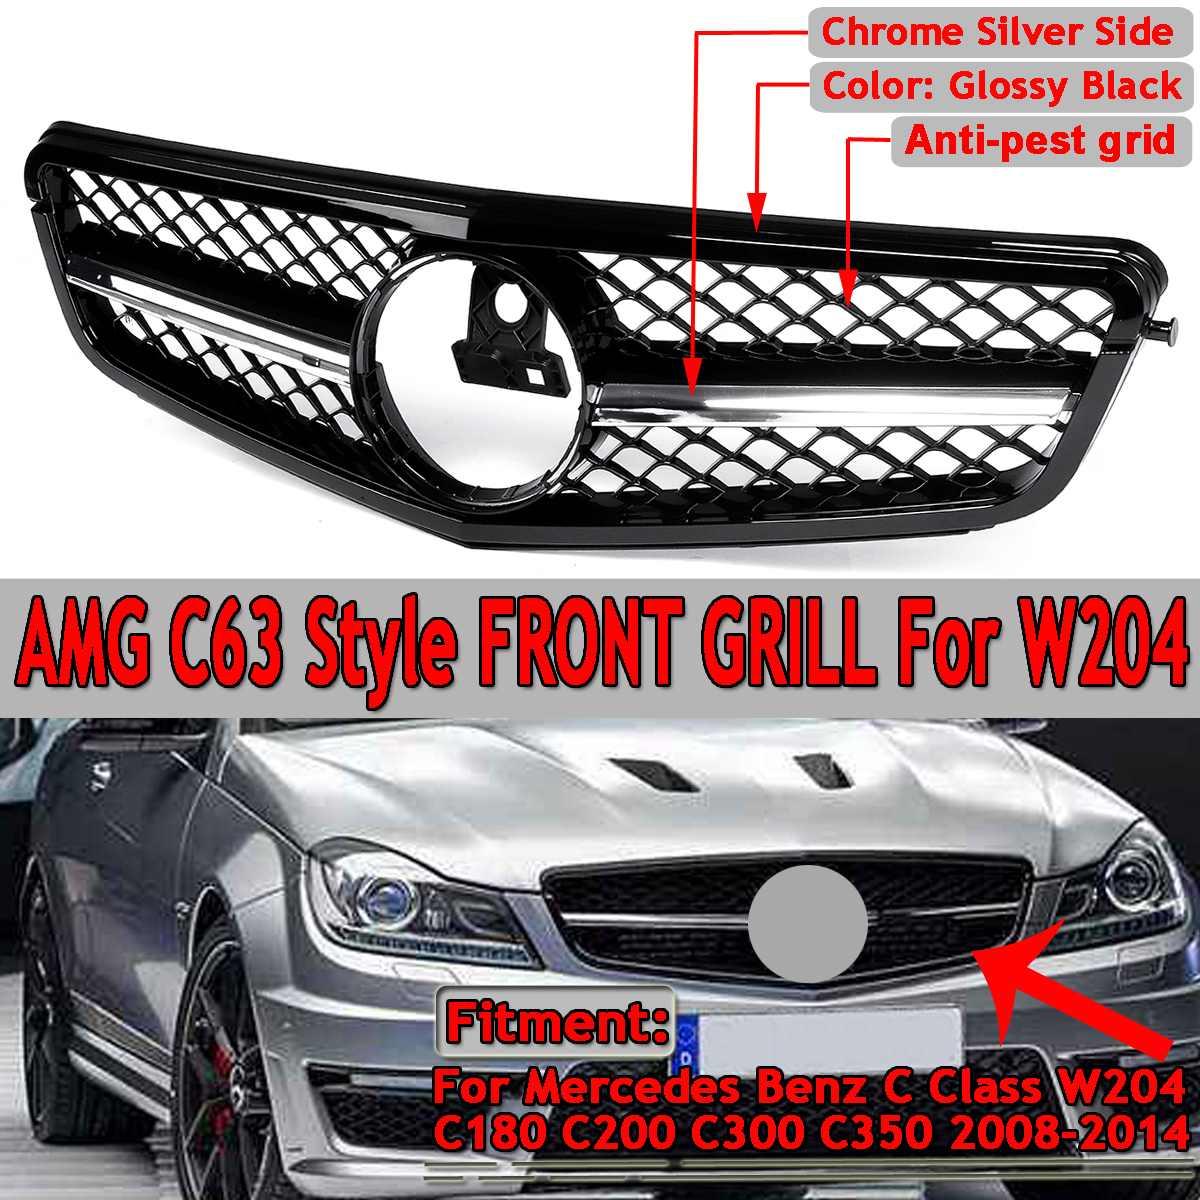 Dla AMG C63 styl nowy samochód przednia górna kratka Grill dla Mercedes Benz C klasa W204 C180 C200 C300 C350 2008-14 Racing Grille